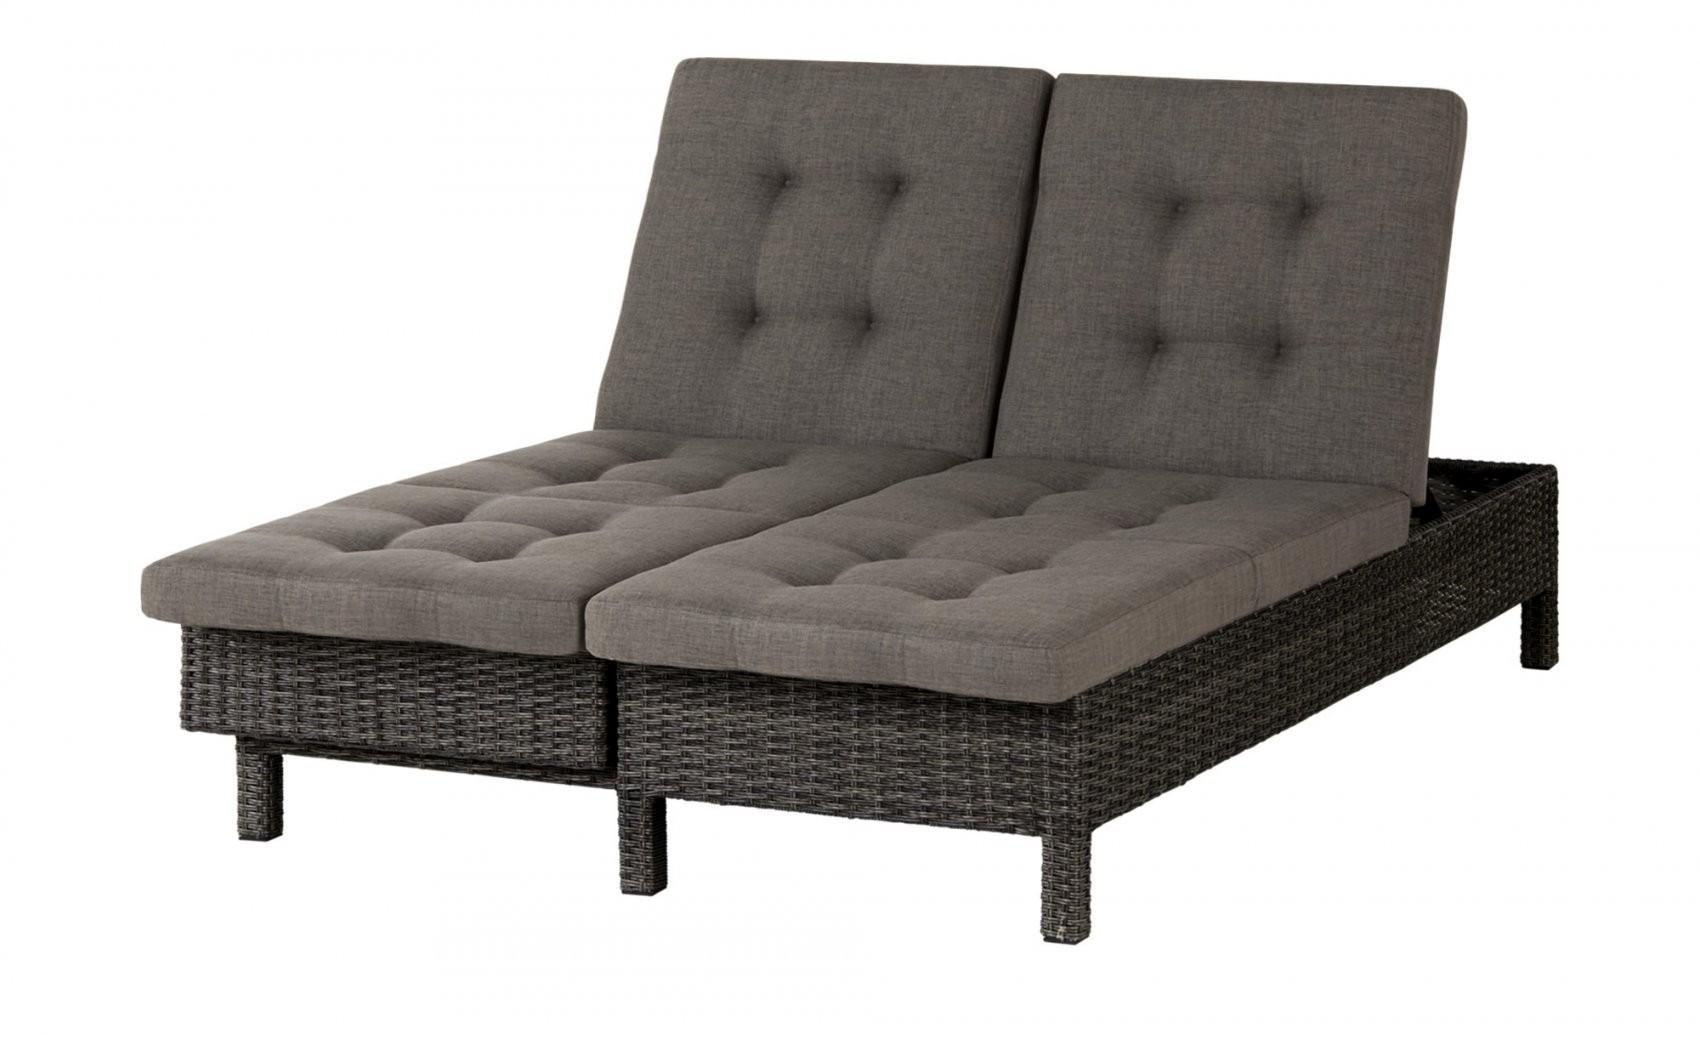 Gartenloungesofa 3Sitzer Padua  Möbel Höffner von Polyrattan Sofa 3 Sitzer Bild